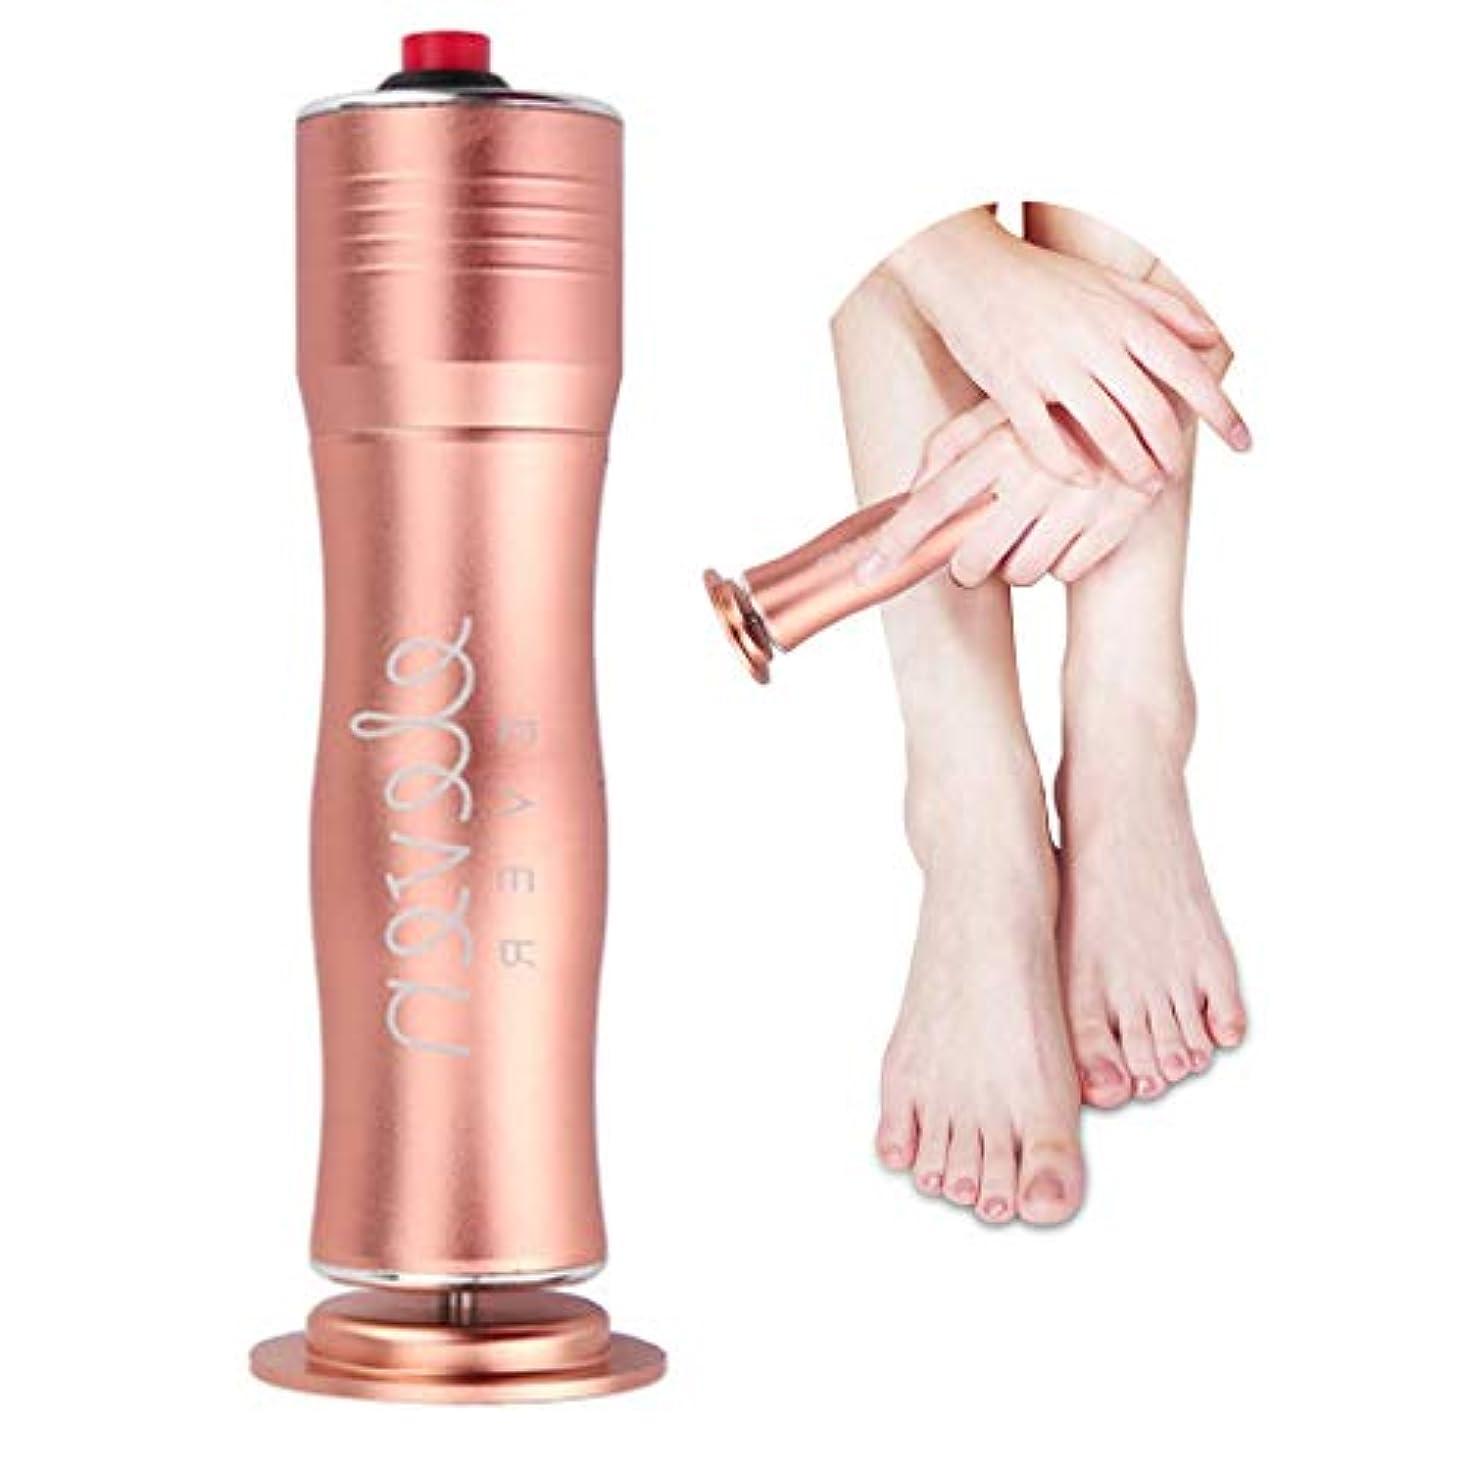 甘やかす滑りやすい測定可能電動角質リムーバー 角質取り スピーディに足の角質を除去可能 速度調節可能 清潔的 衛生的な足部ケア道具 磨足器 ペディキュアマシン 使い捨てのサンドペーパー付き 男女兼用